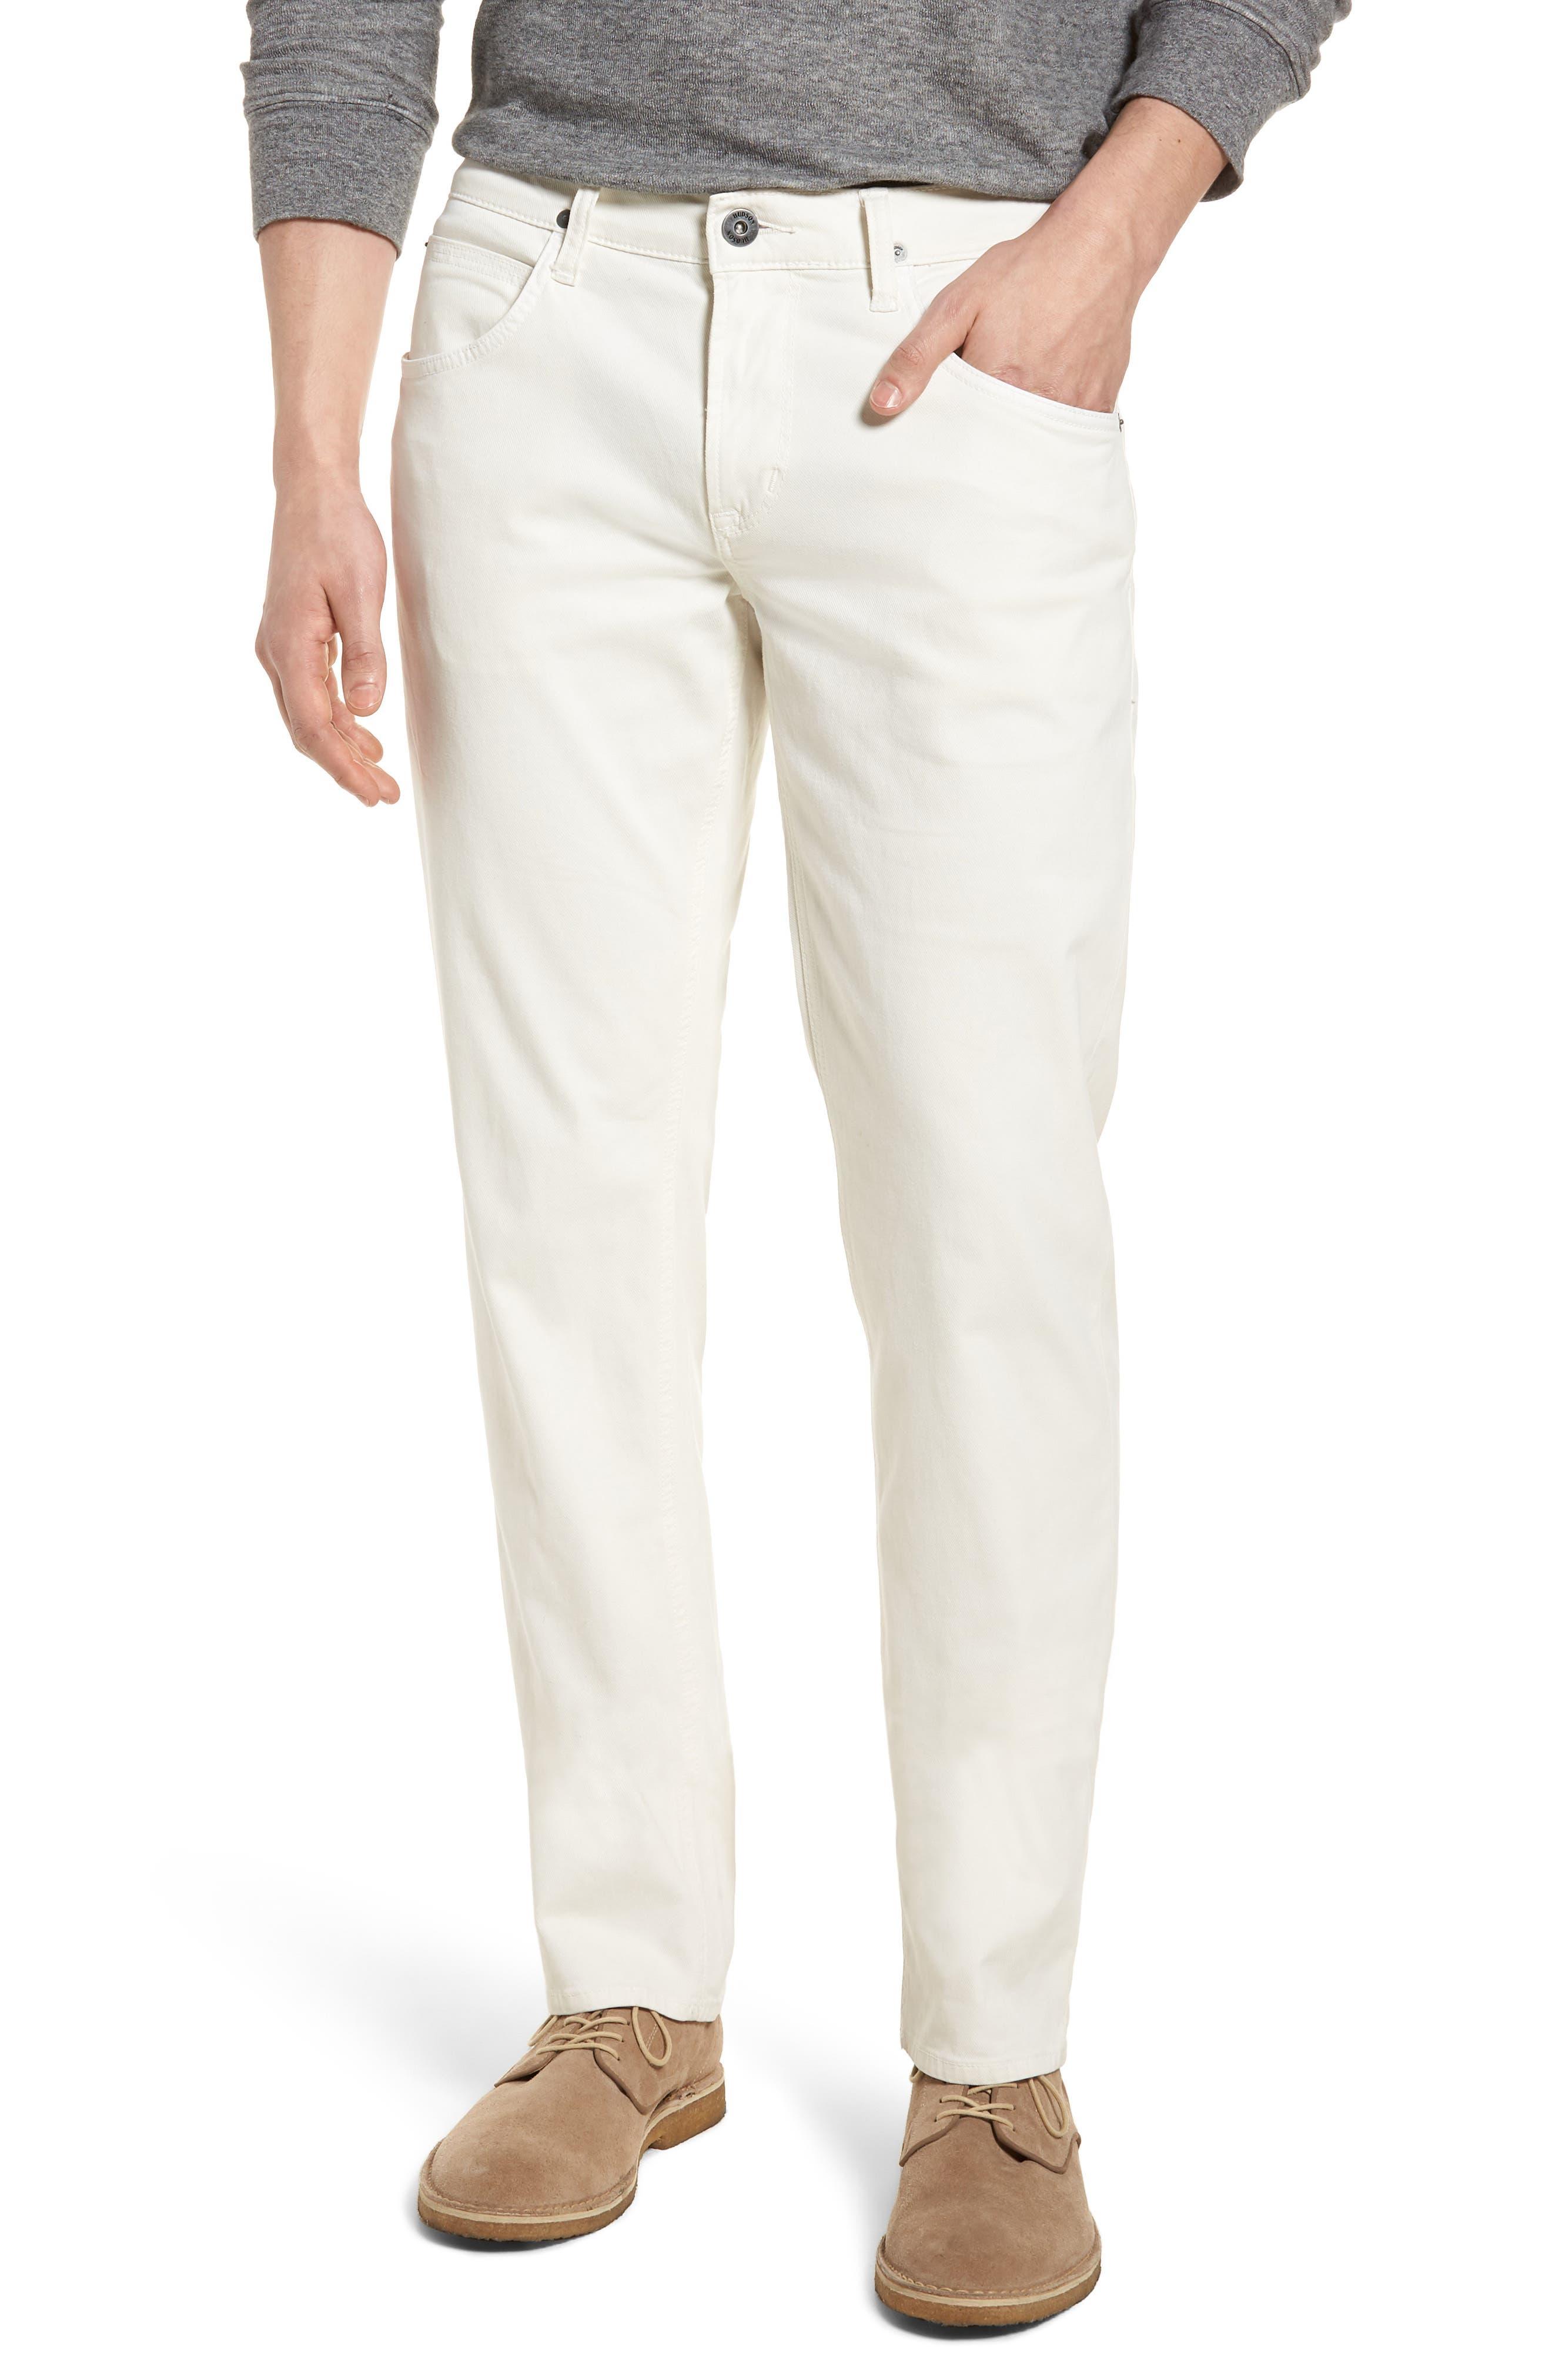 Blake Slim Fit Jeans,                         Main,                         color, 110